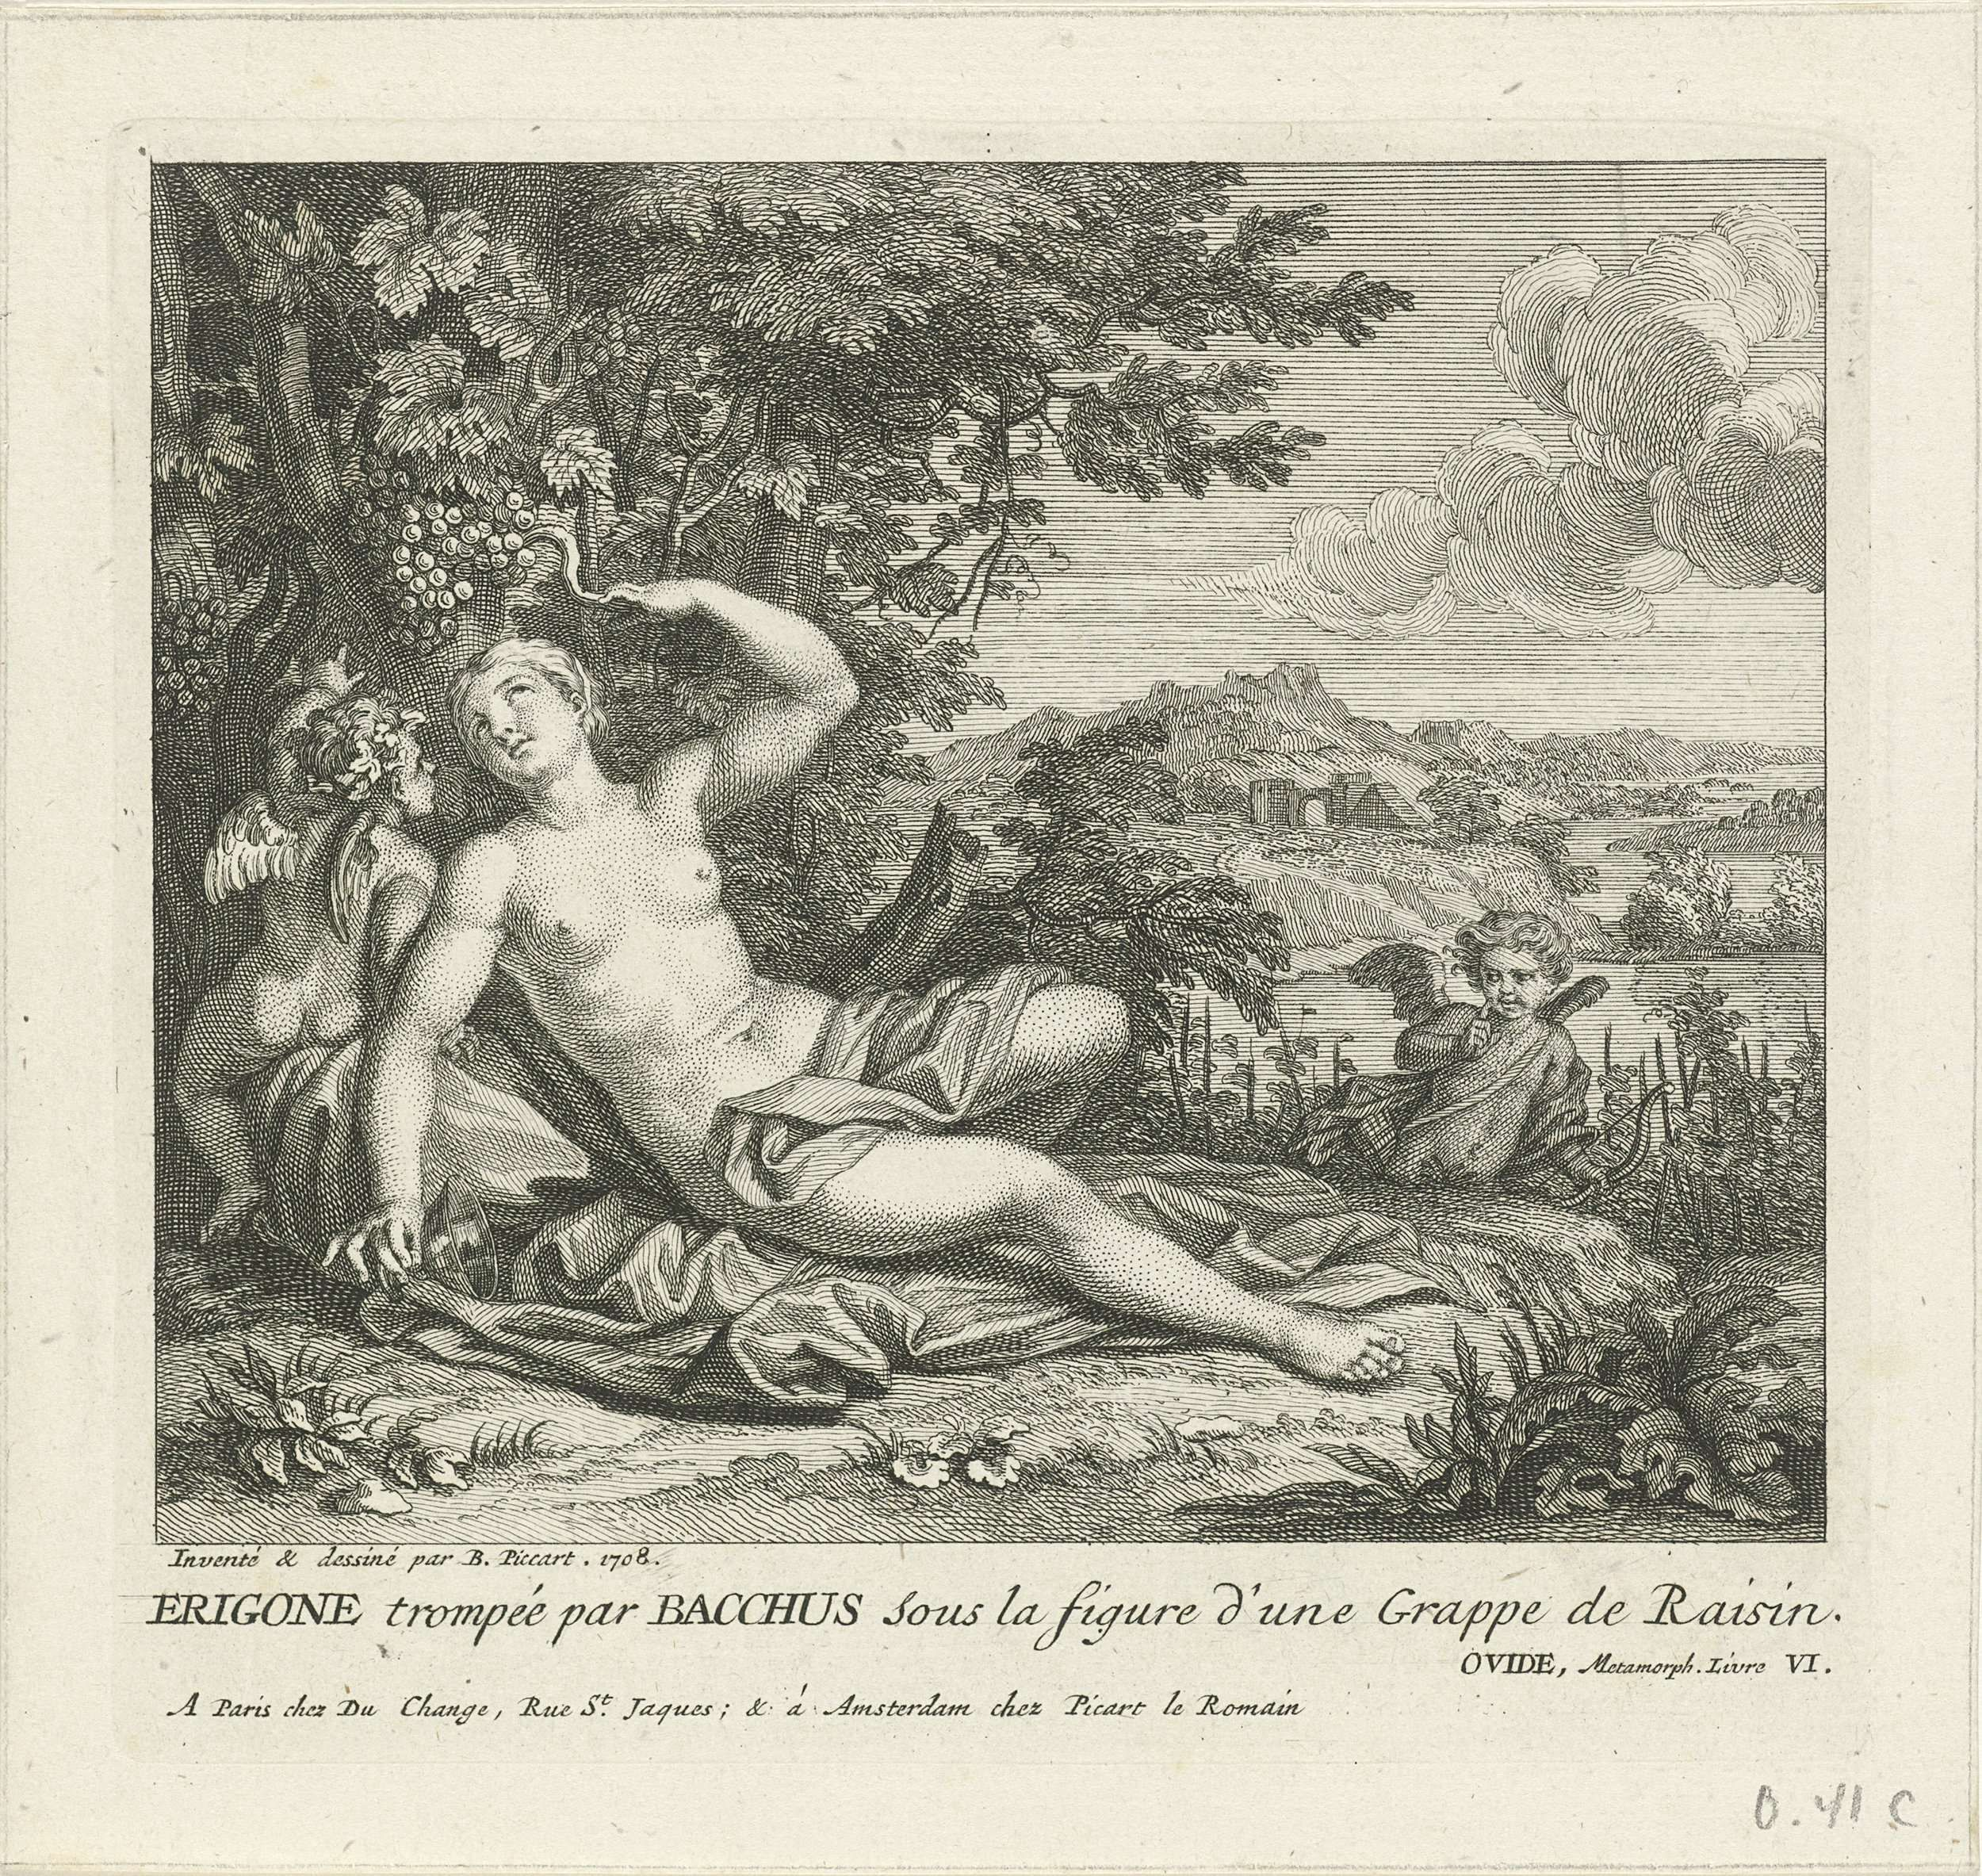 Bernard Picart | Bacchus en Erigone, Bernard Picart, Gaspard Duchange, 1708 | Bacchus, in de gedaante van een druiventros, verleidt Erigone. Zij ligt in het gras en kijkt op naar de tros die aan een tak hangt, in haar hand een drinkbeker. Amor kijkt toe. In de marge een onderschrift in het Frans.